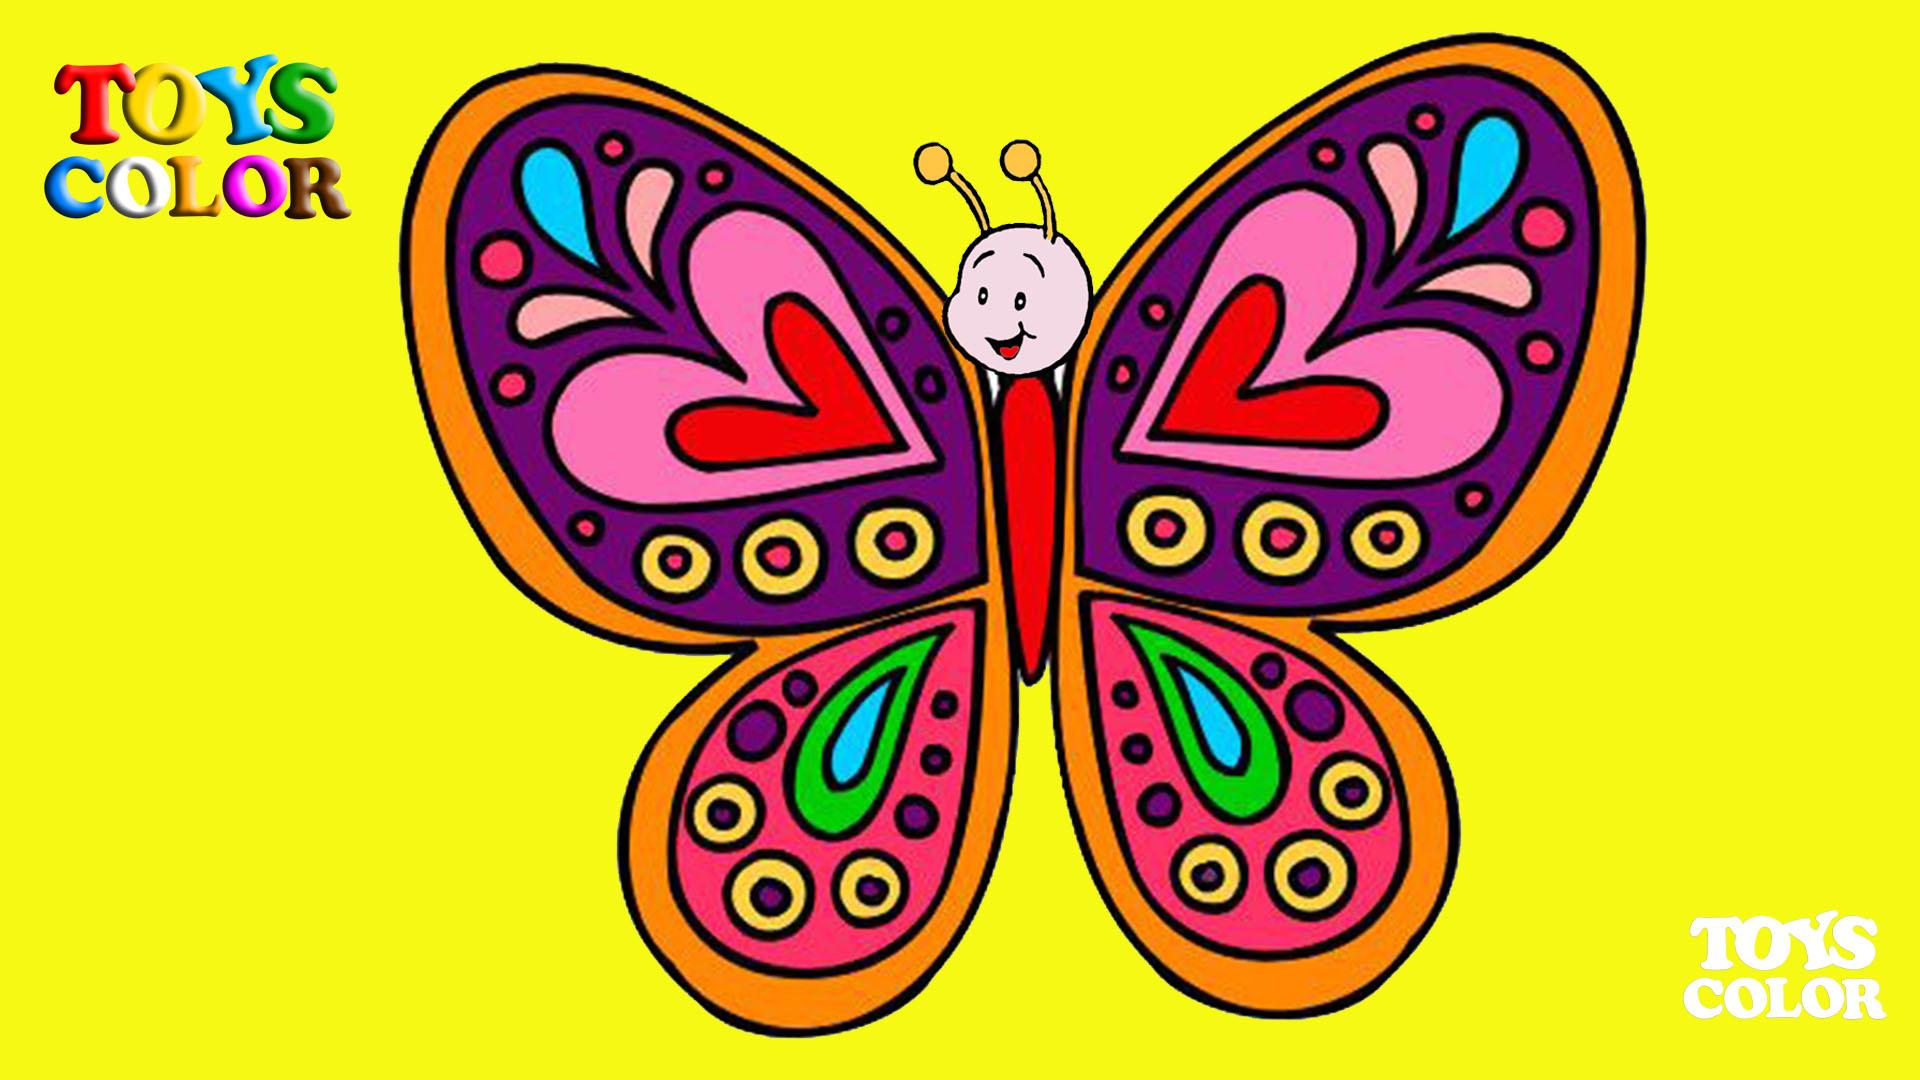 Dibuja y Colorea una Mariposa, Aprende los colores de la Mariposa, Dibujando y Pintando para Niños